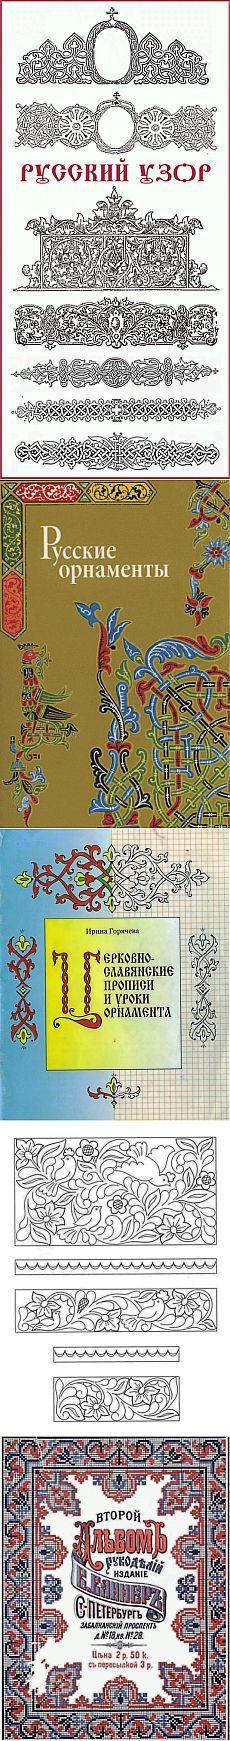 Русские орнаменты и узоры - clipartis Jimdo-Page! Скачать бесплатно фото, картинки, обои, рисунки, иконки, клипарты, шаблоны, открытки, анимашки, рамки, орнаменты, бэкграунды